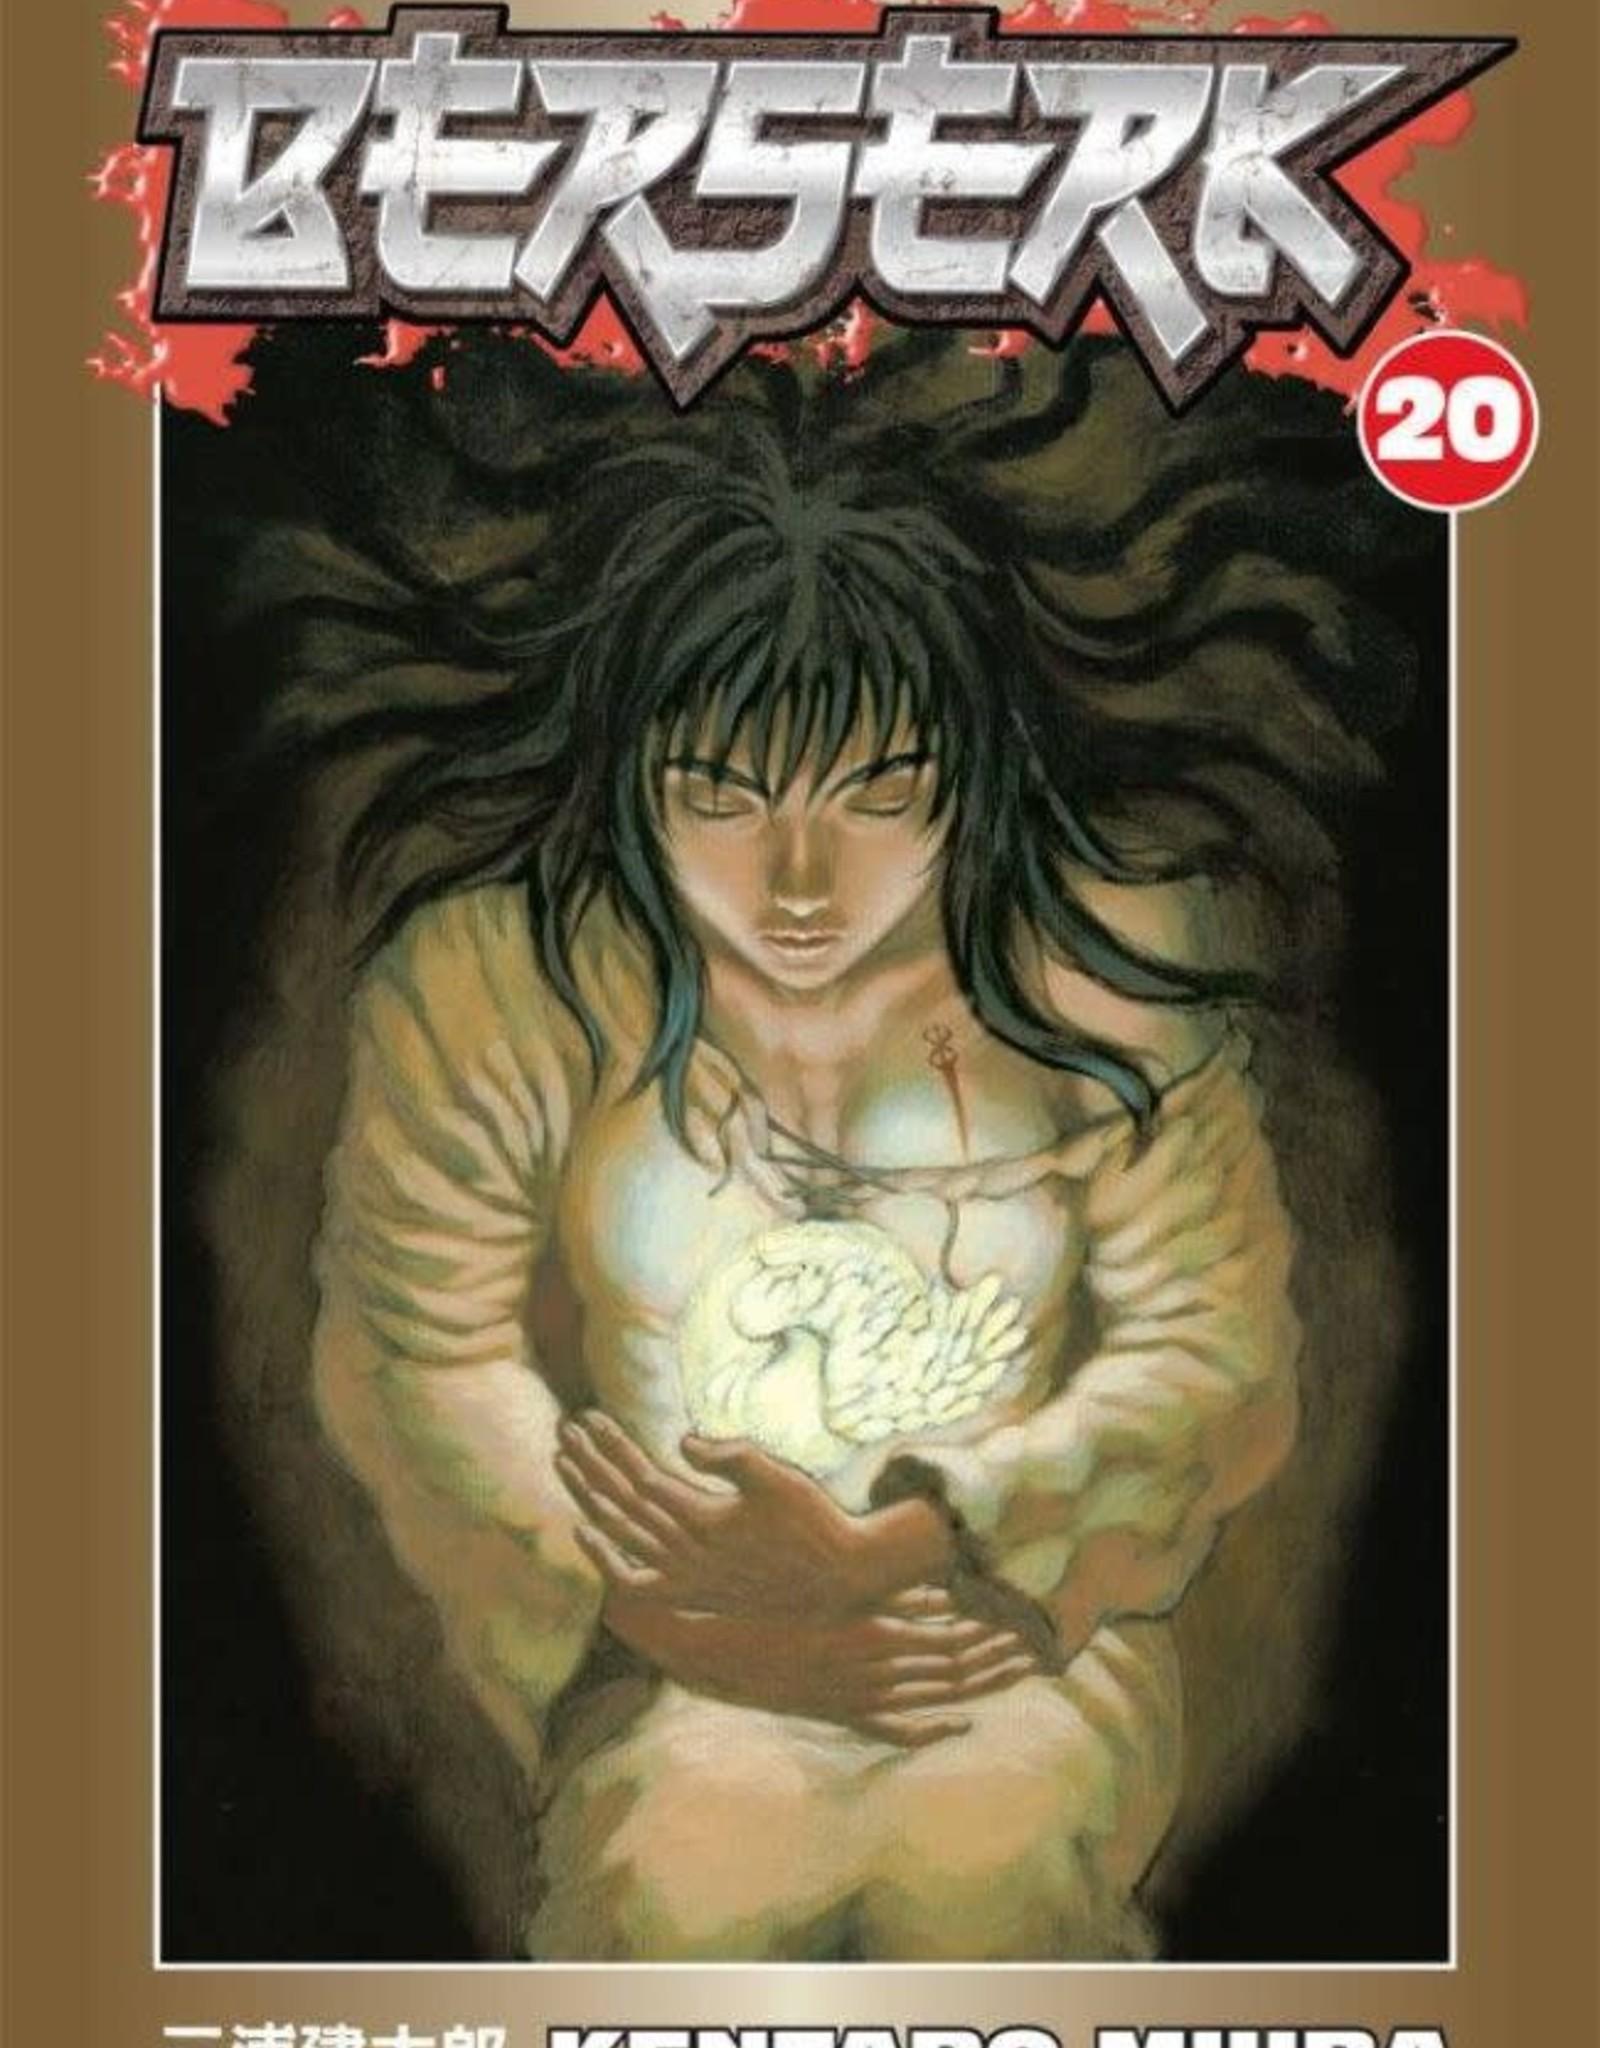 Dark Horse Comics Berserk Vol 20